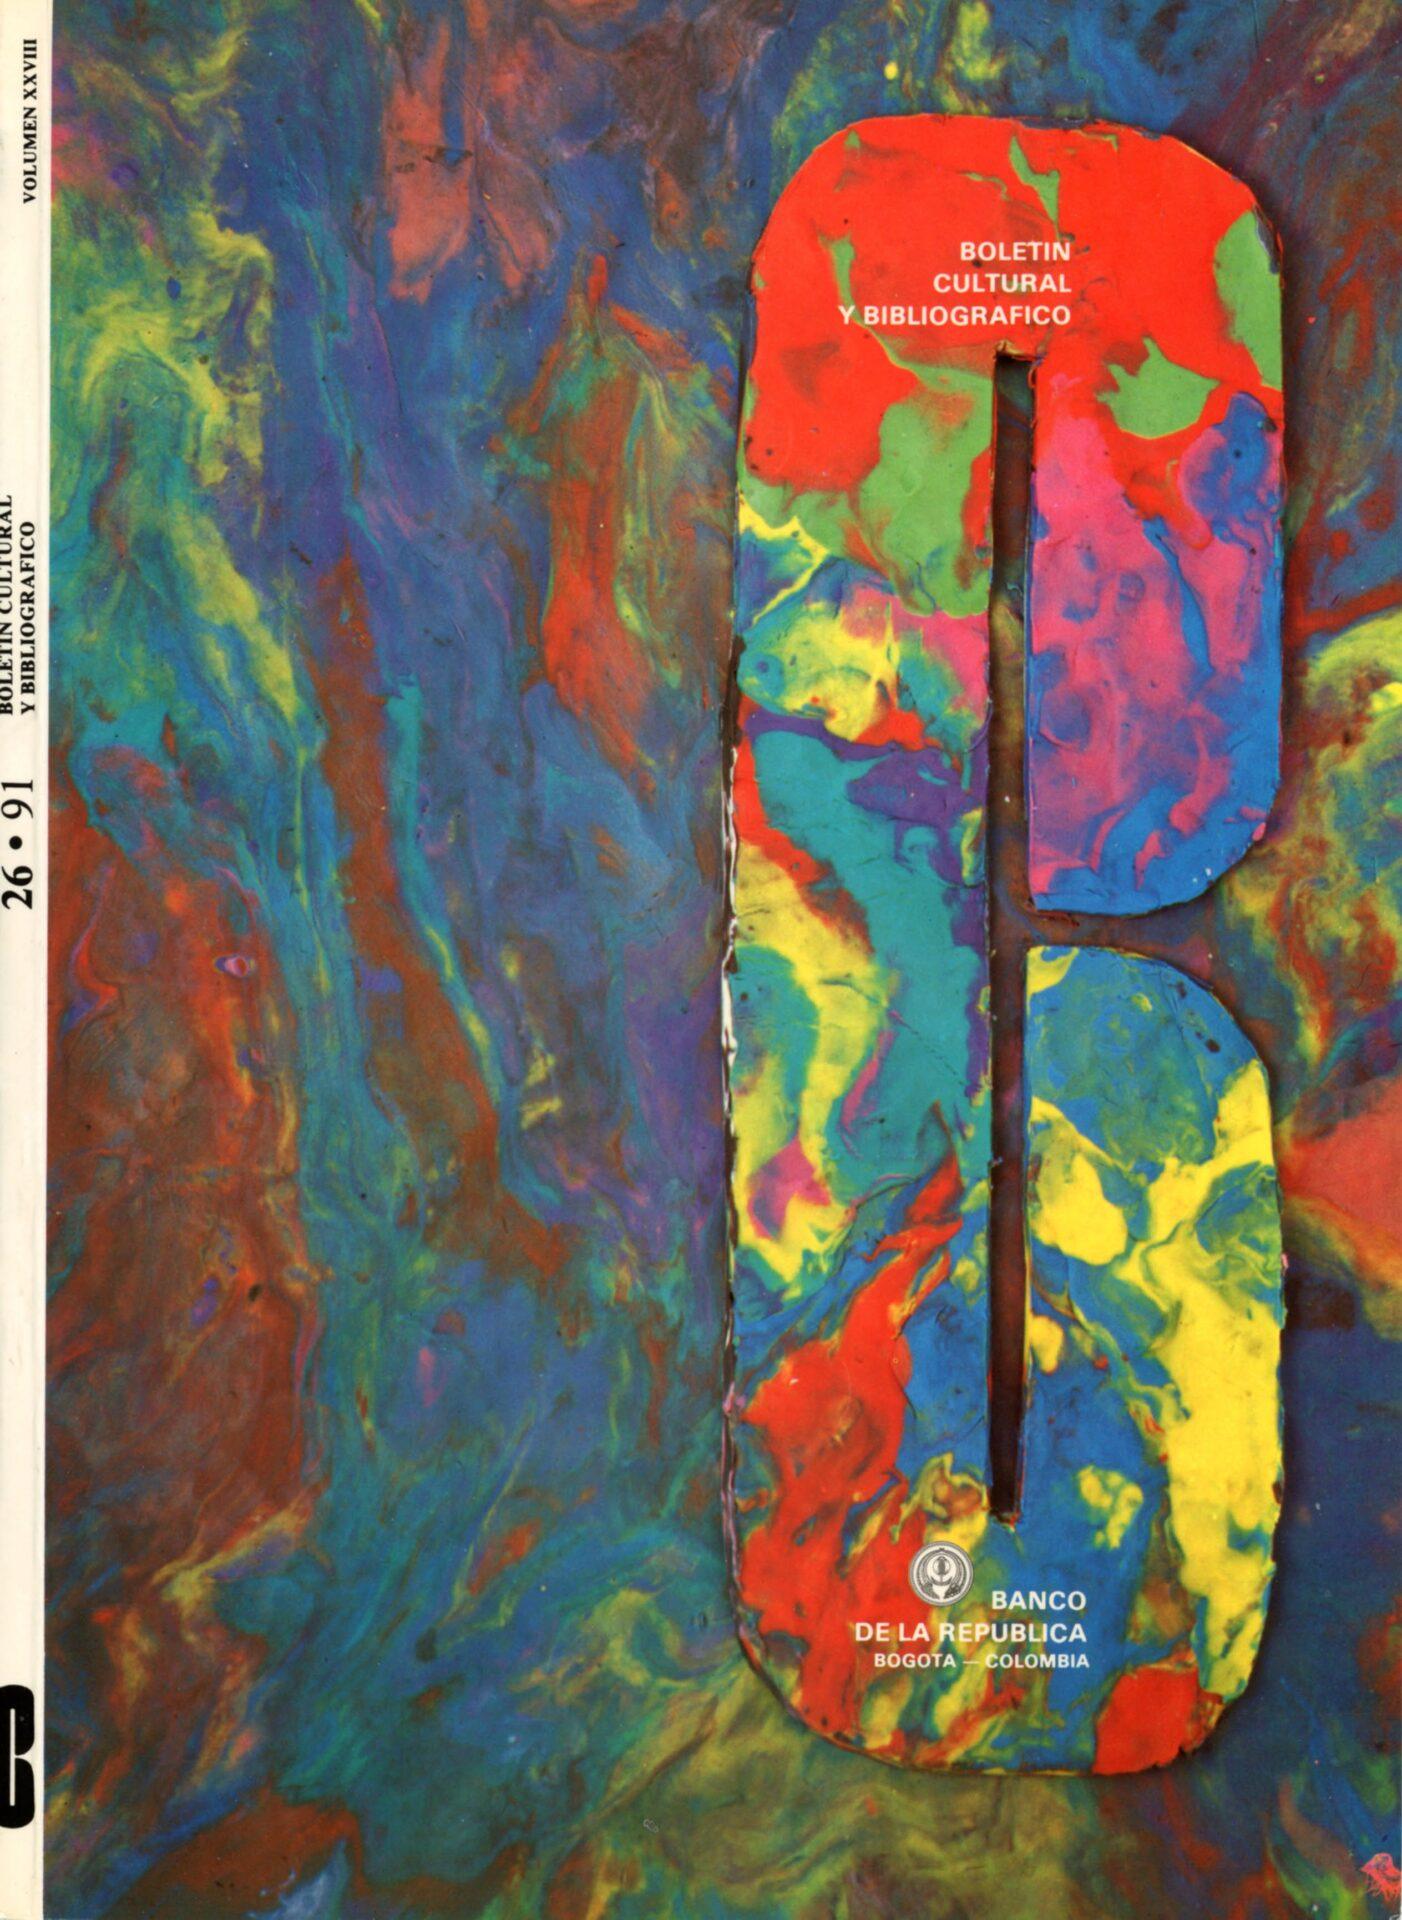 Cardoso. María Fernanda. Portada. Boletín Cultural y Bibliográfico XXVIII. no. 26. 1991